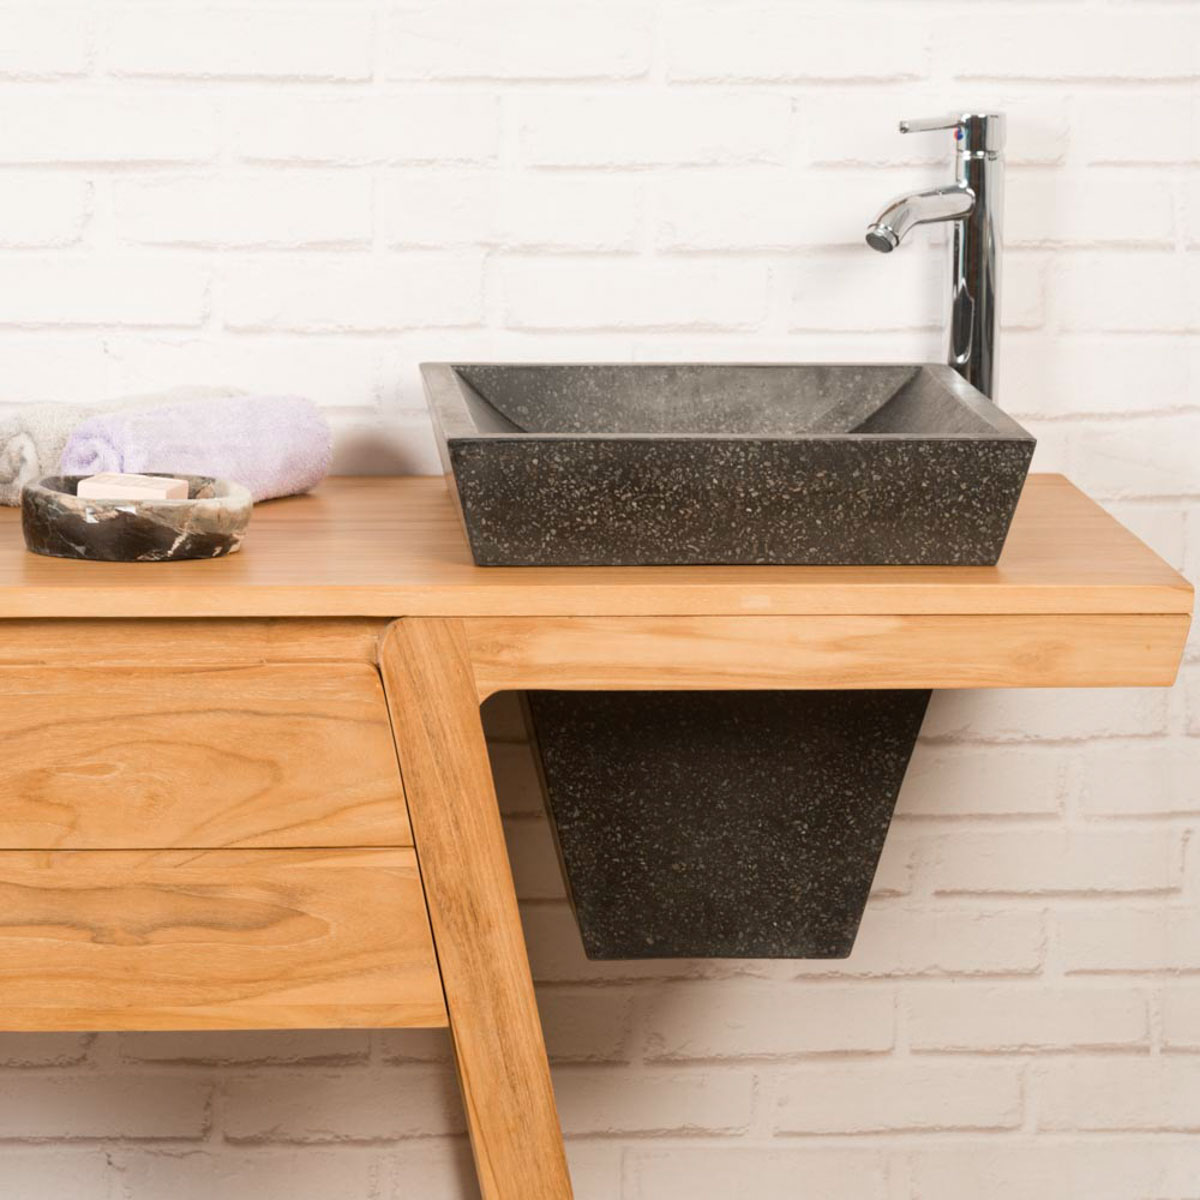 Meuble salle de bain meuble sous vasque teck kh ops 140 cm - Meuble salle de bain sous vasque ...